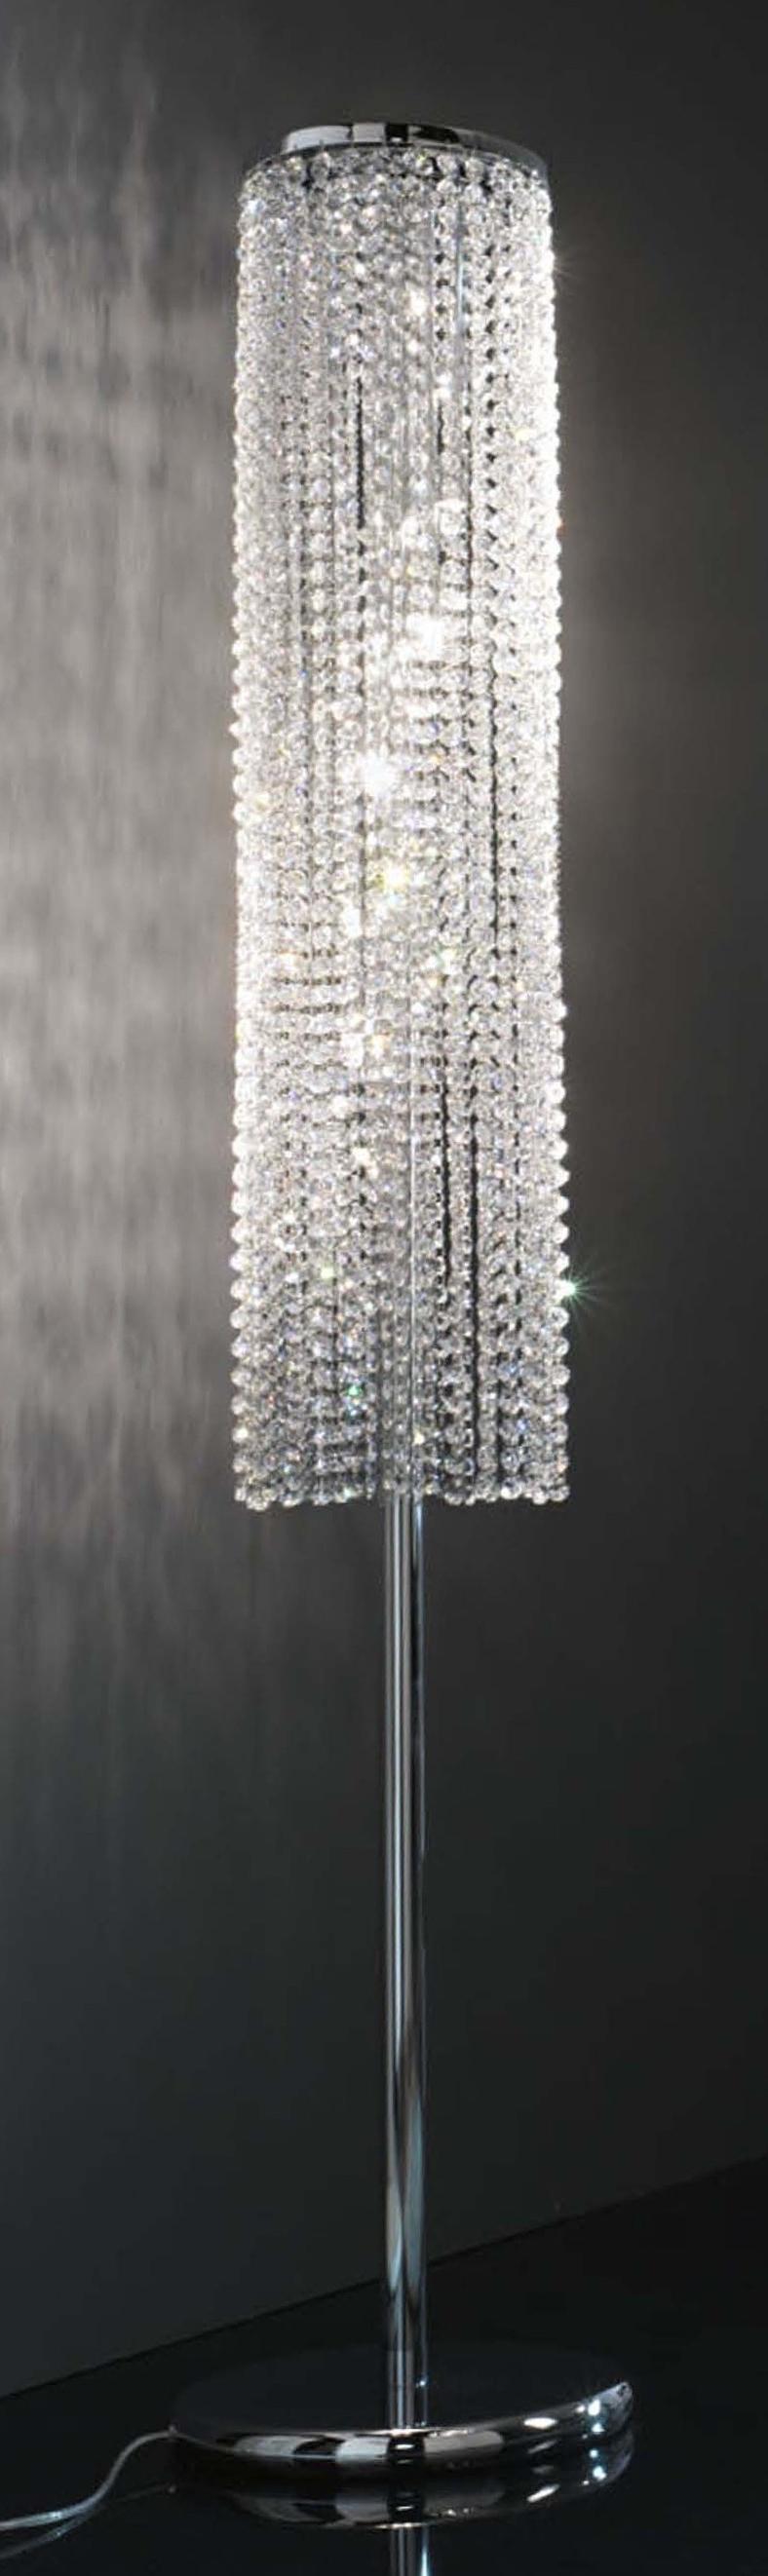 Newest Standing Chandelier Floor Lamps Inside Chandeliers Design : Magnificent Standing Chandelier Floor Lamp (View 9 of 15)